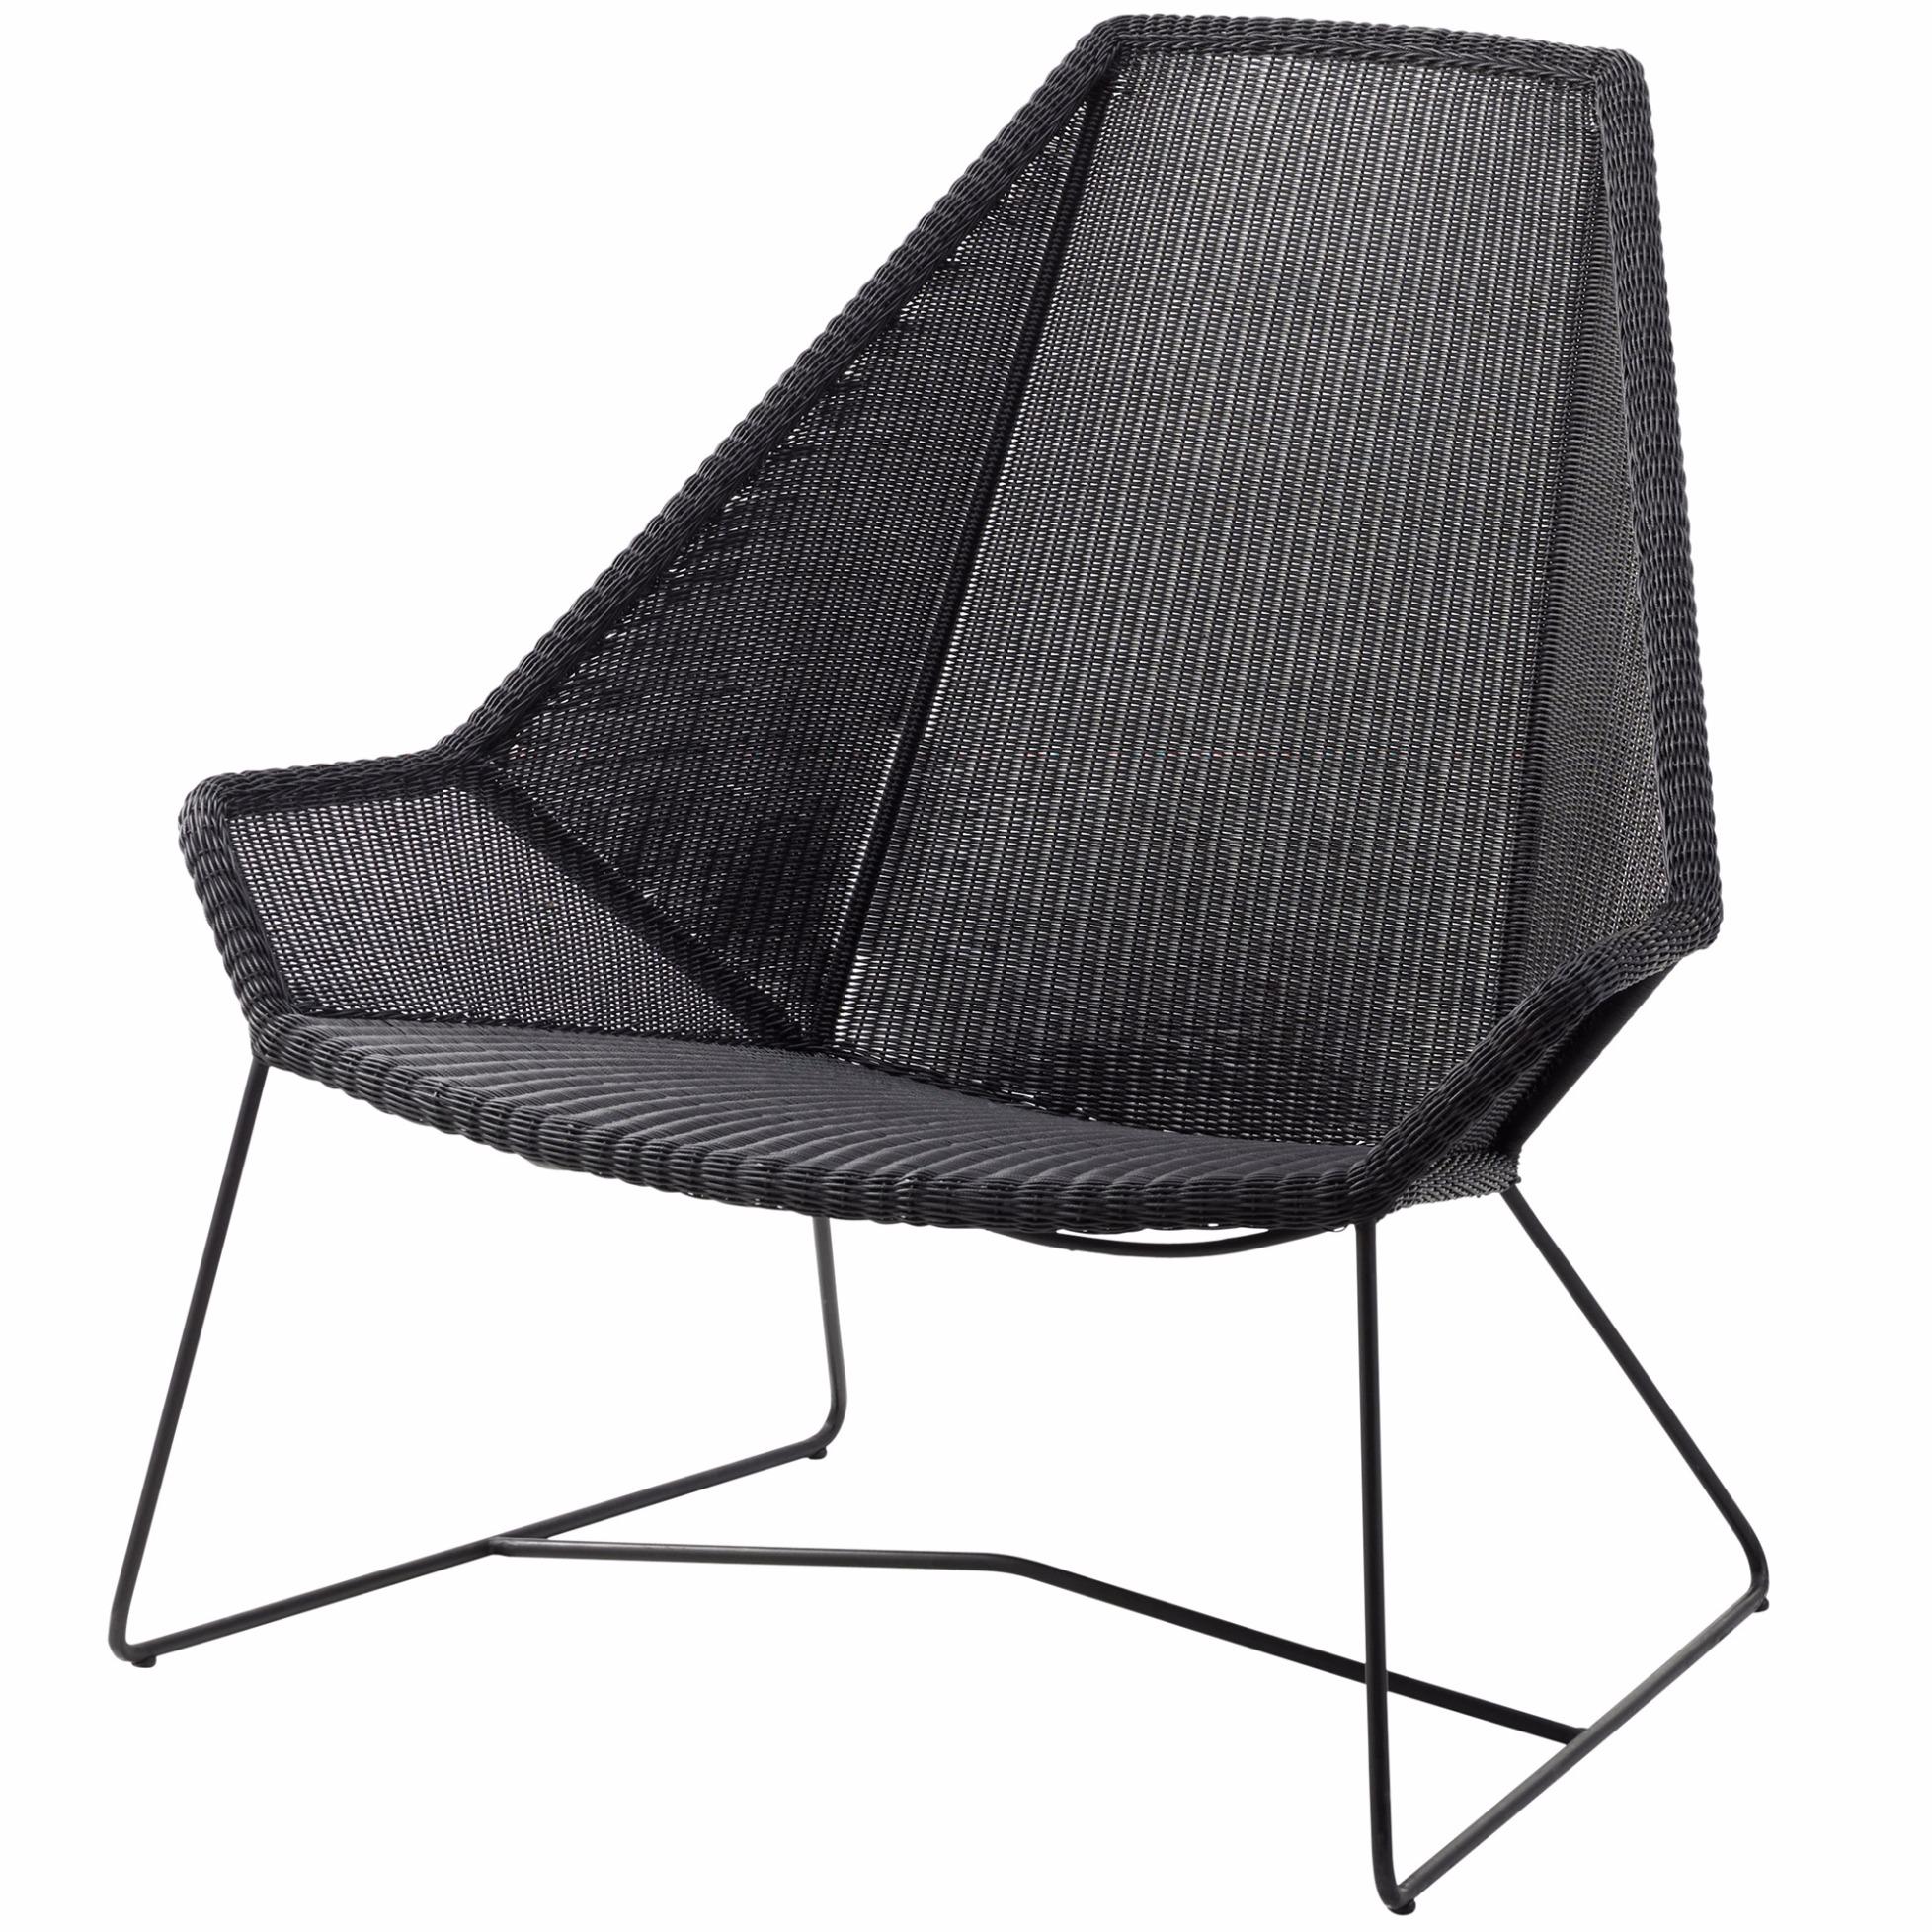 highbacksessel breeze von cane line. Black Bedroom Furniture Sets. Home Design Ideas